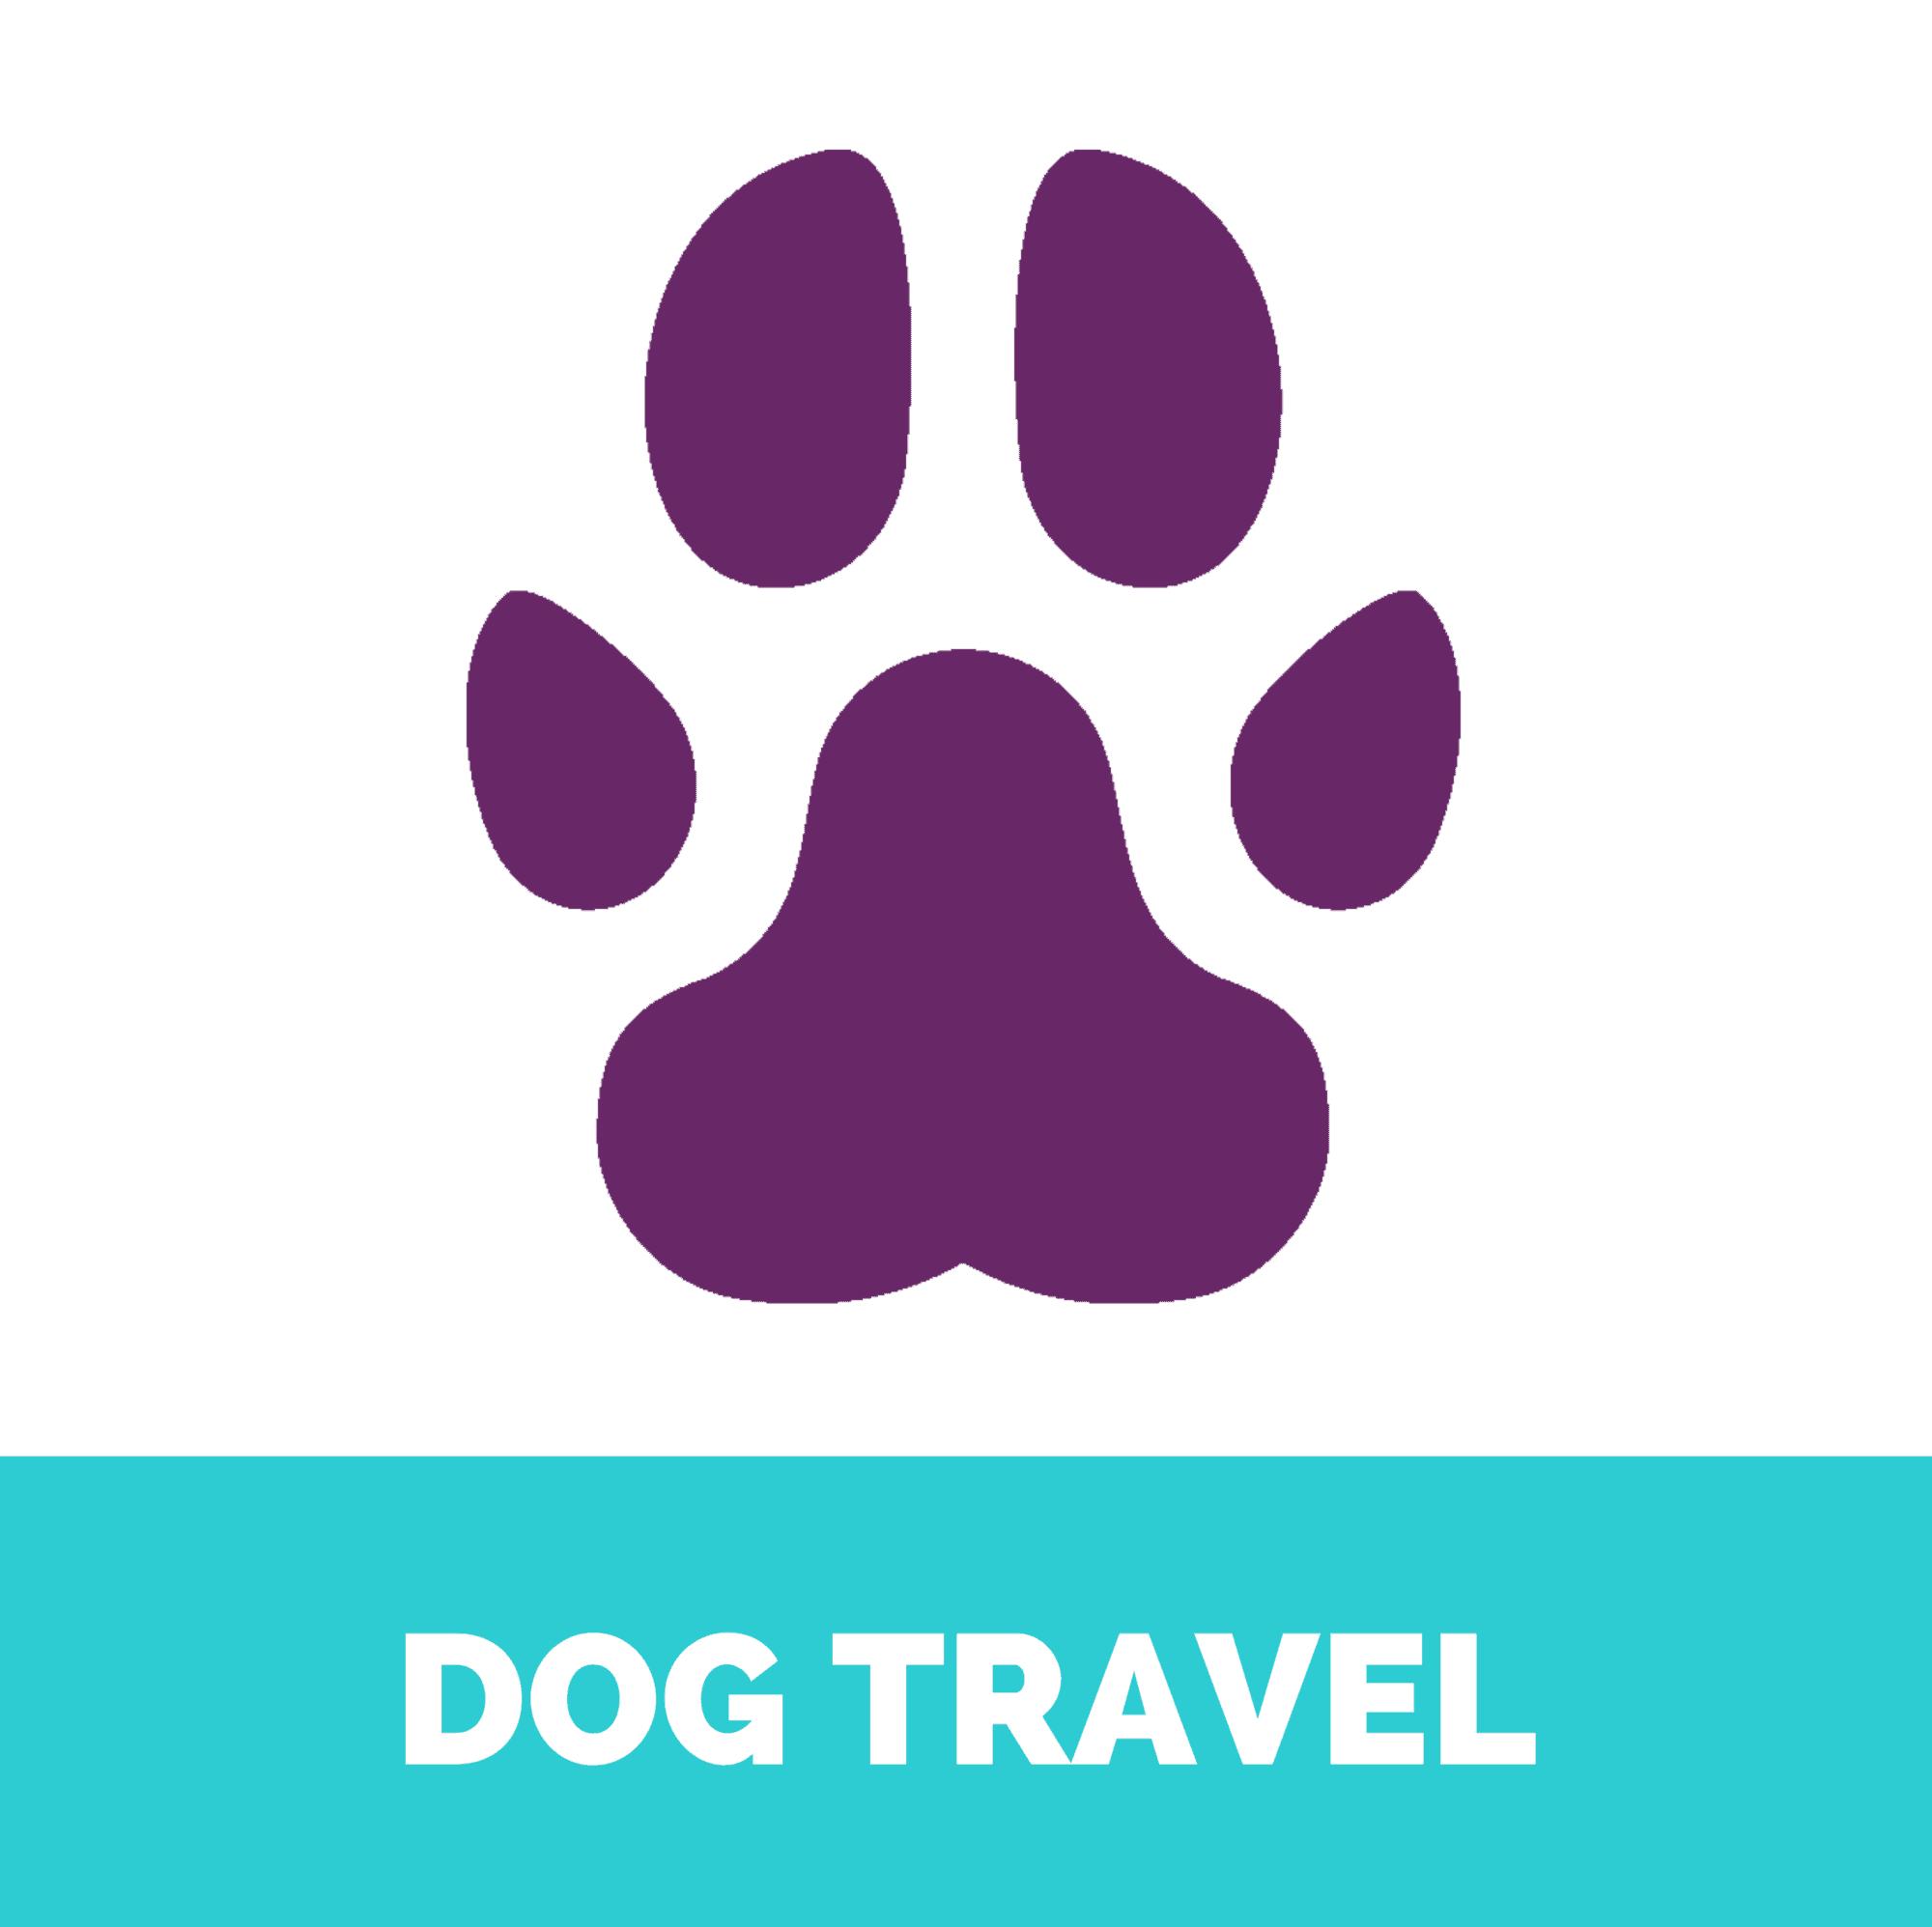 Dog travel